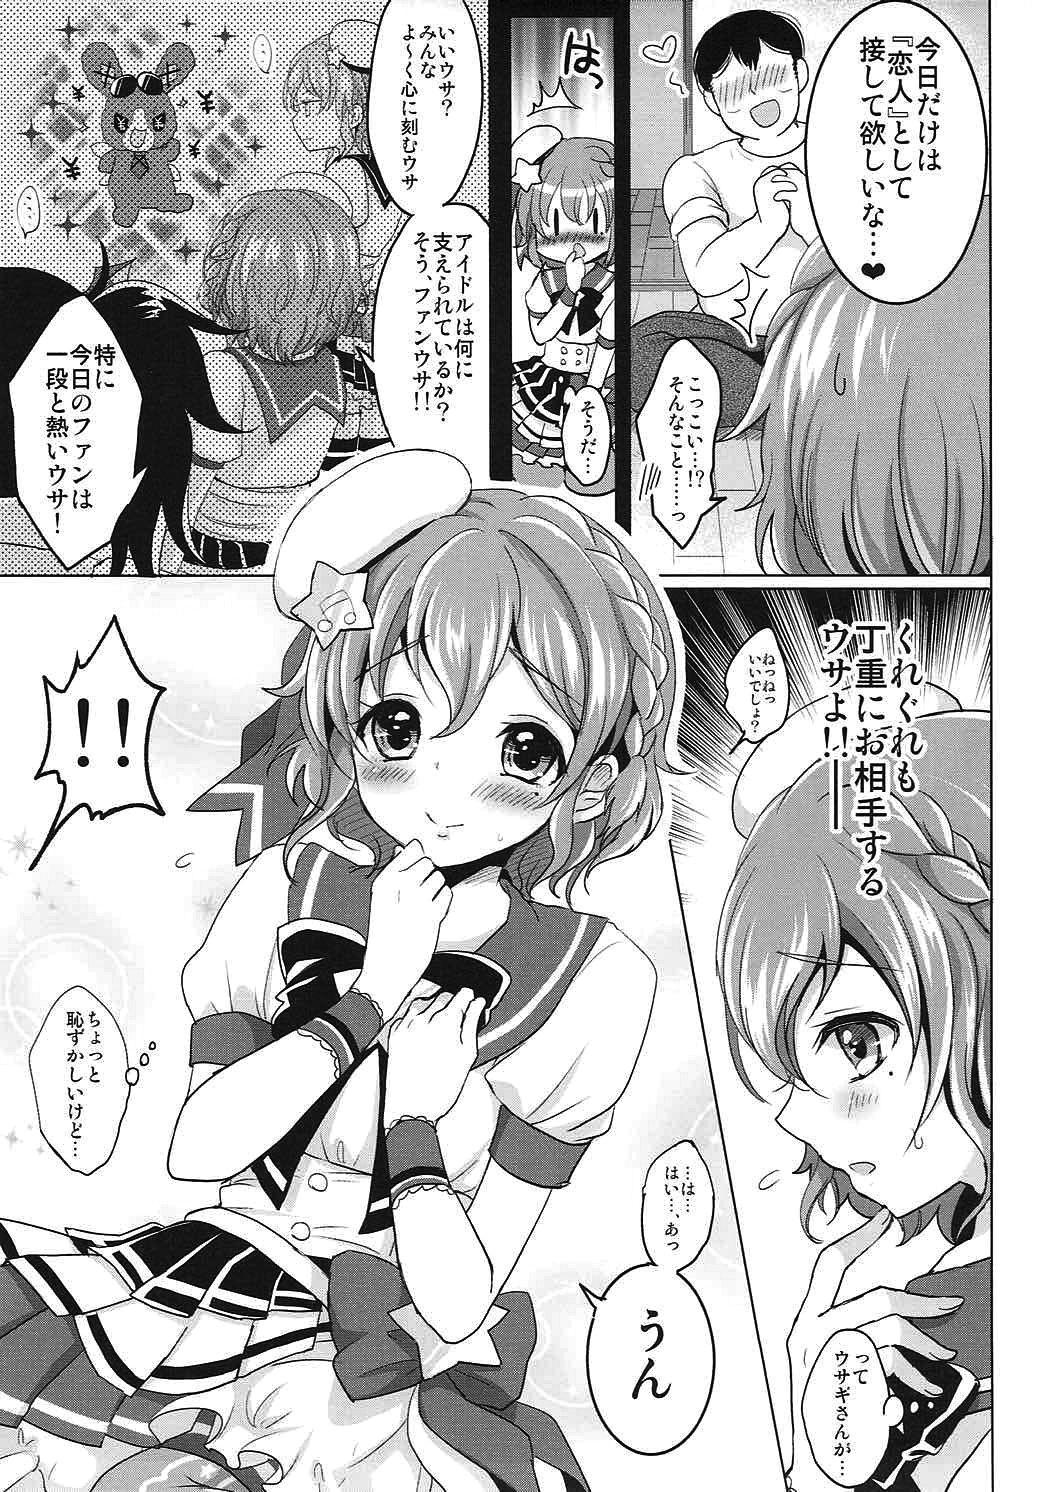 Boku no Ichinichi Gentei Kanojo wa Otokonoko Idol! 3